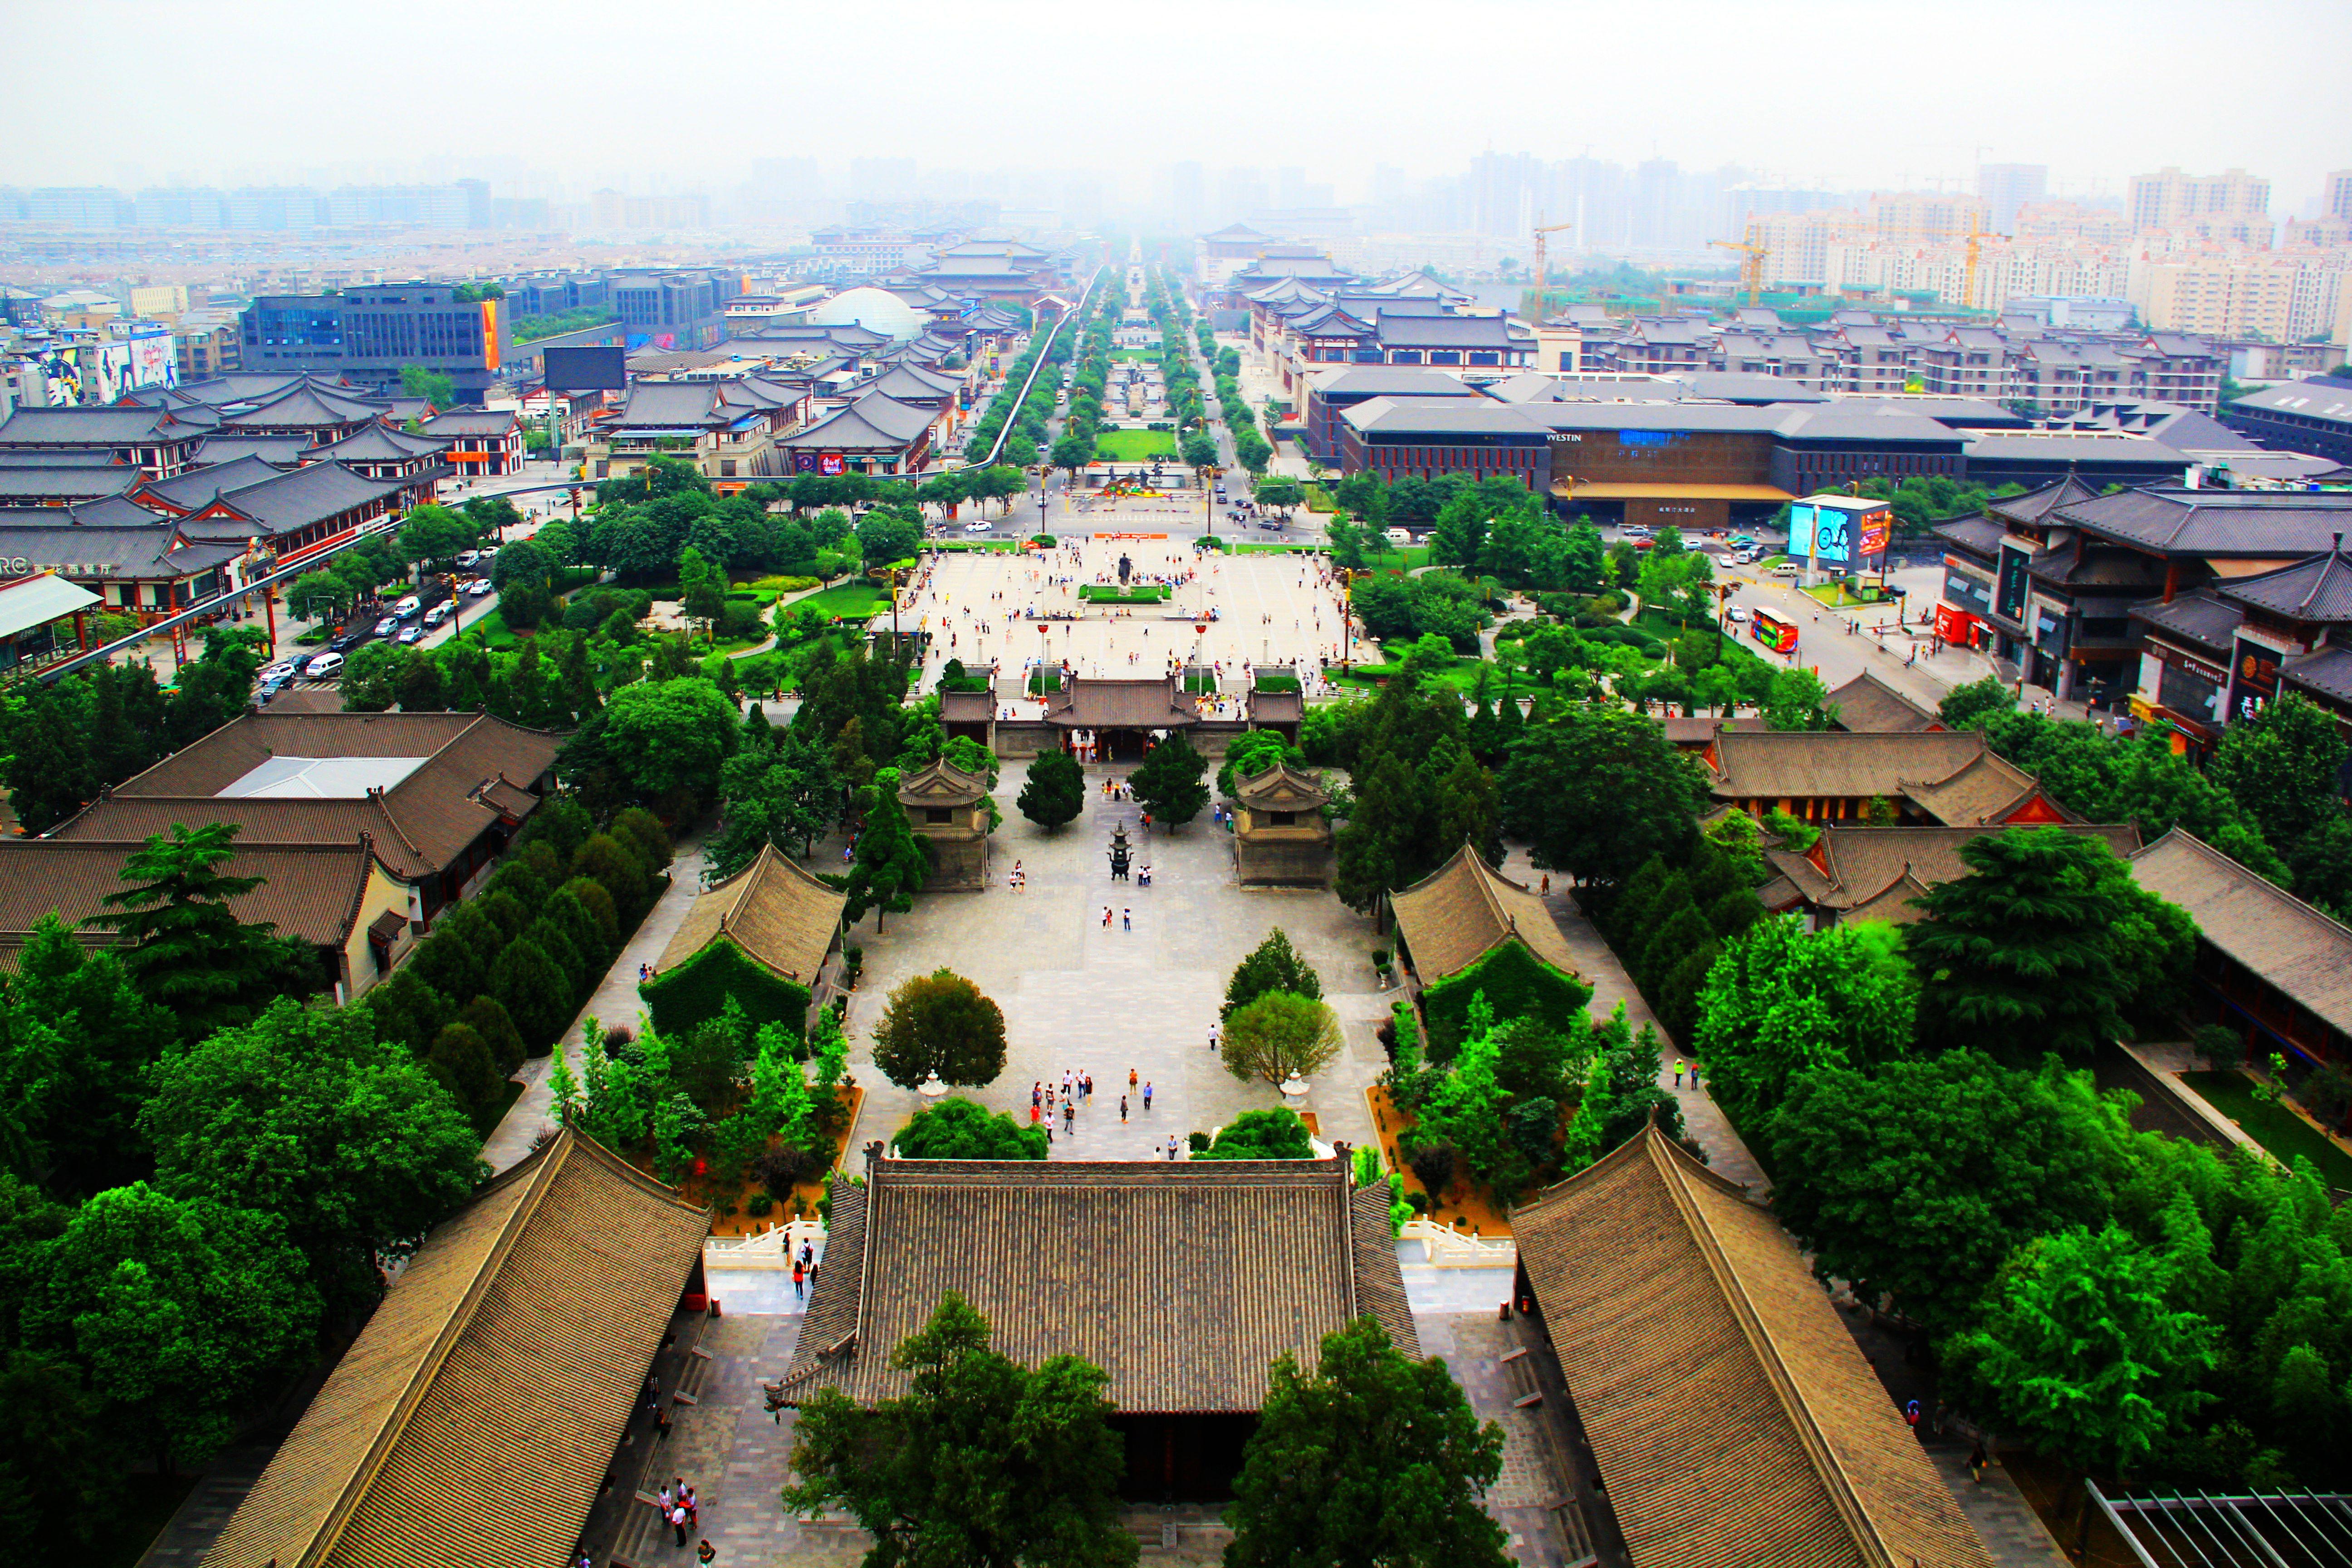 远眺大雁塔南广场